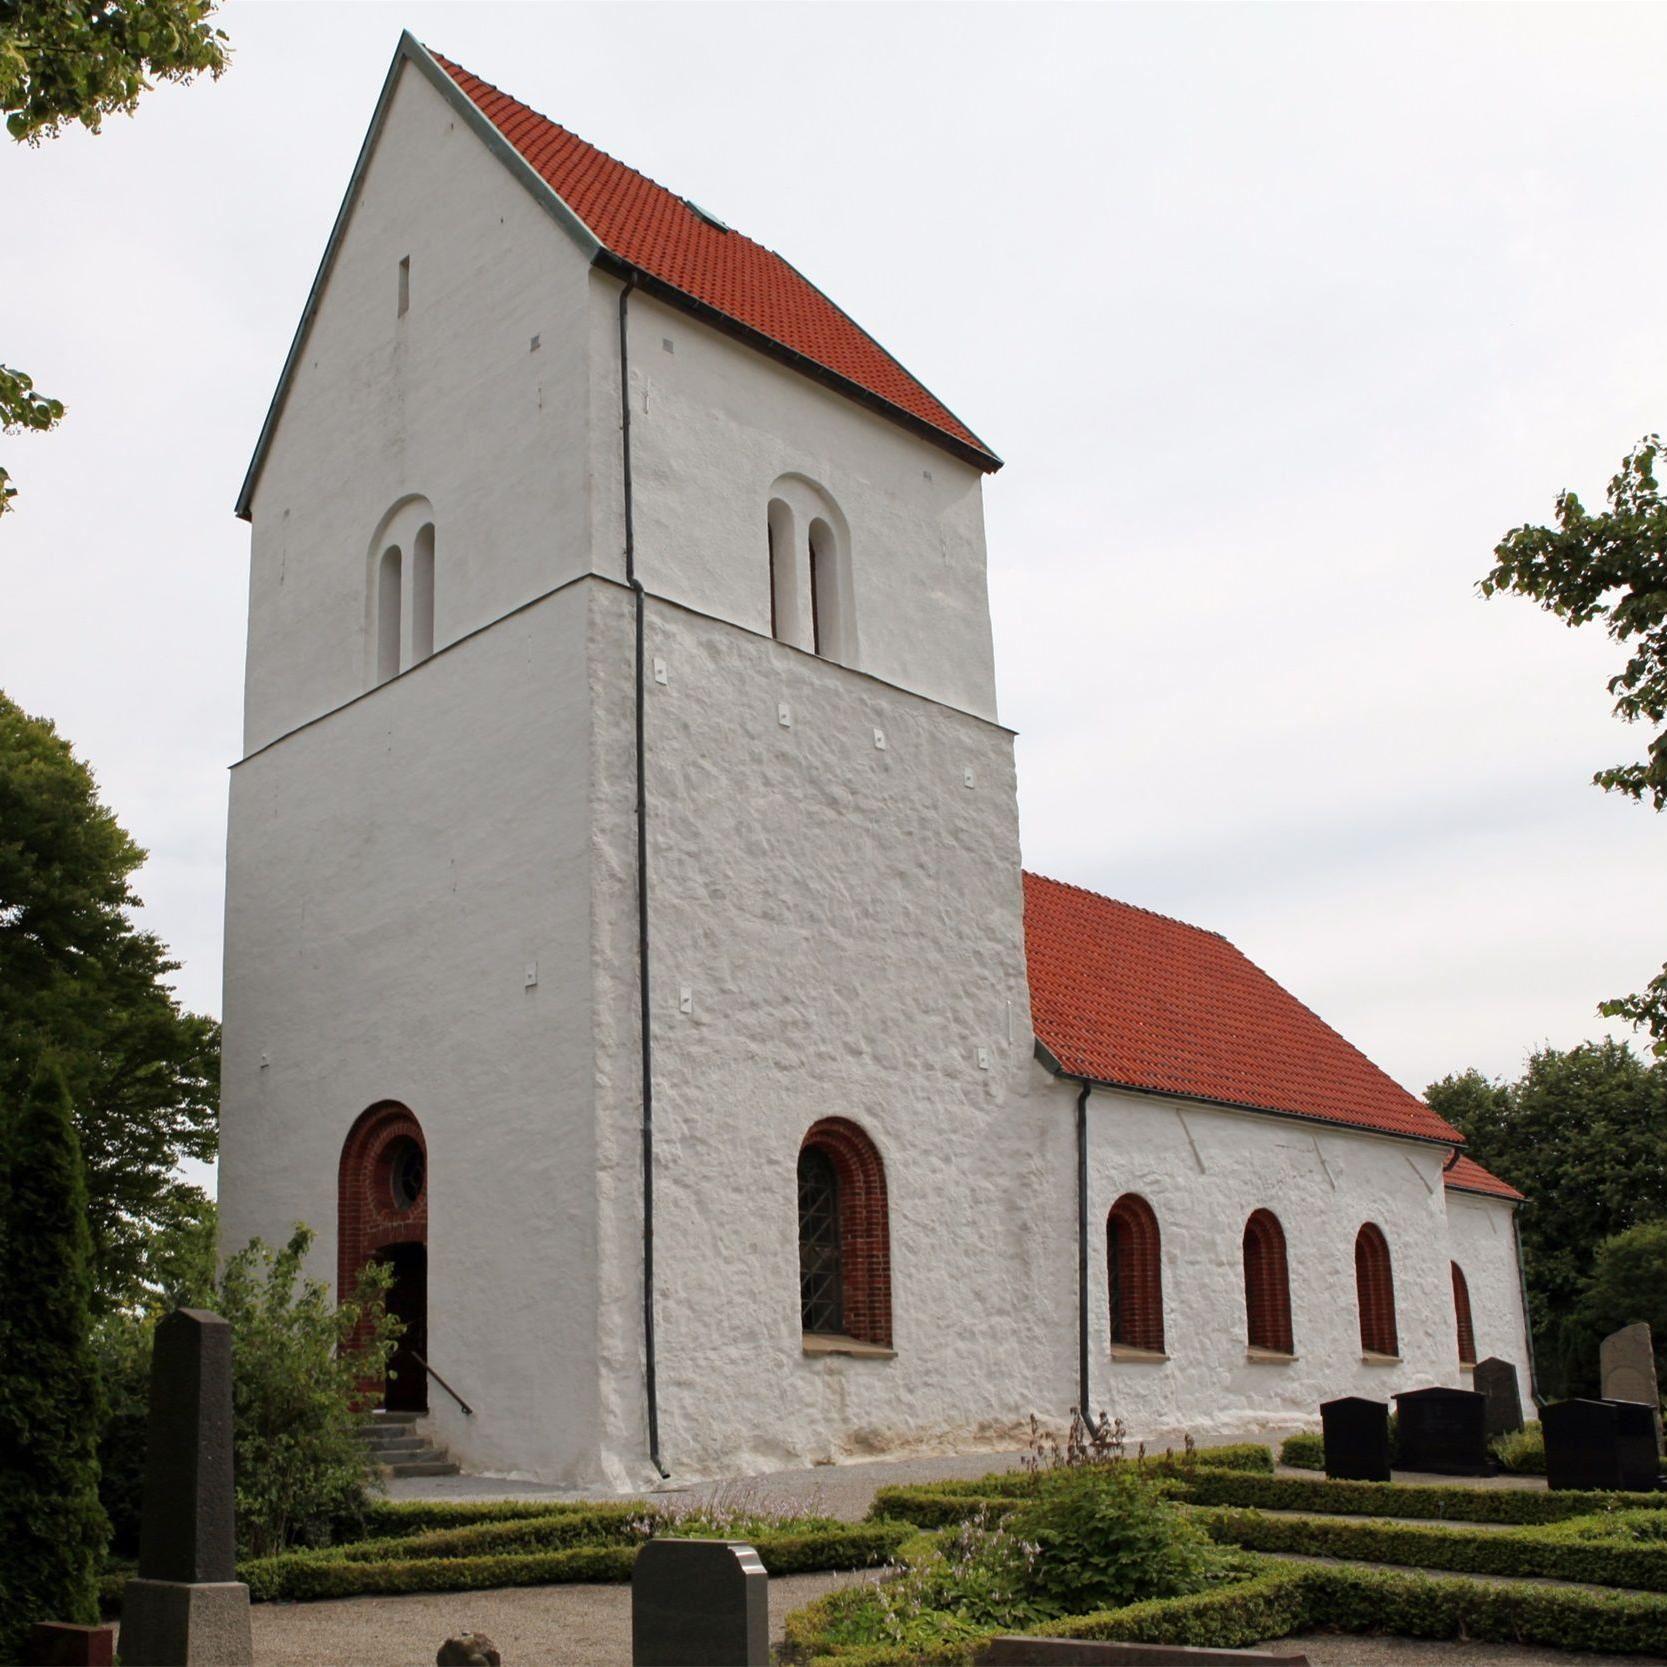 Lilla Harrie Kirche